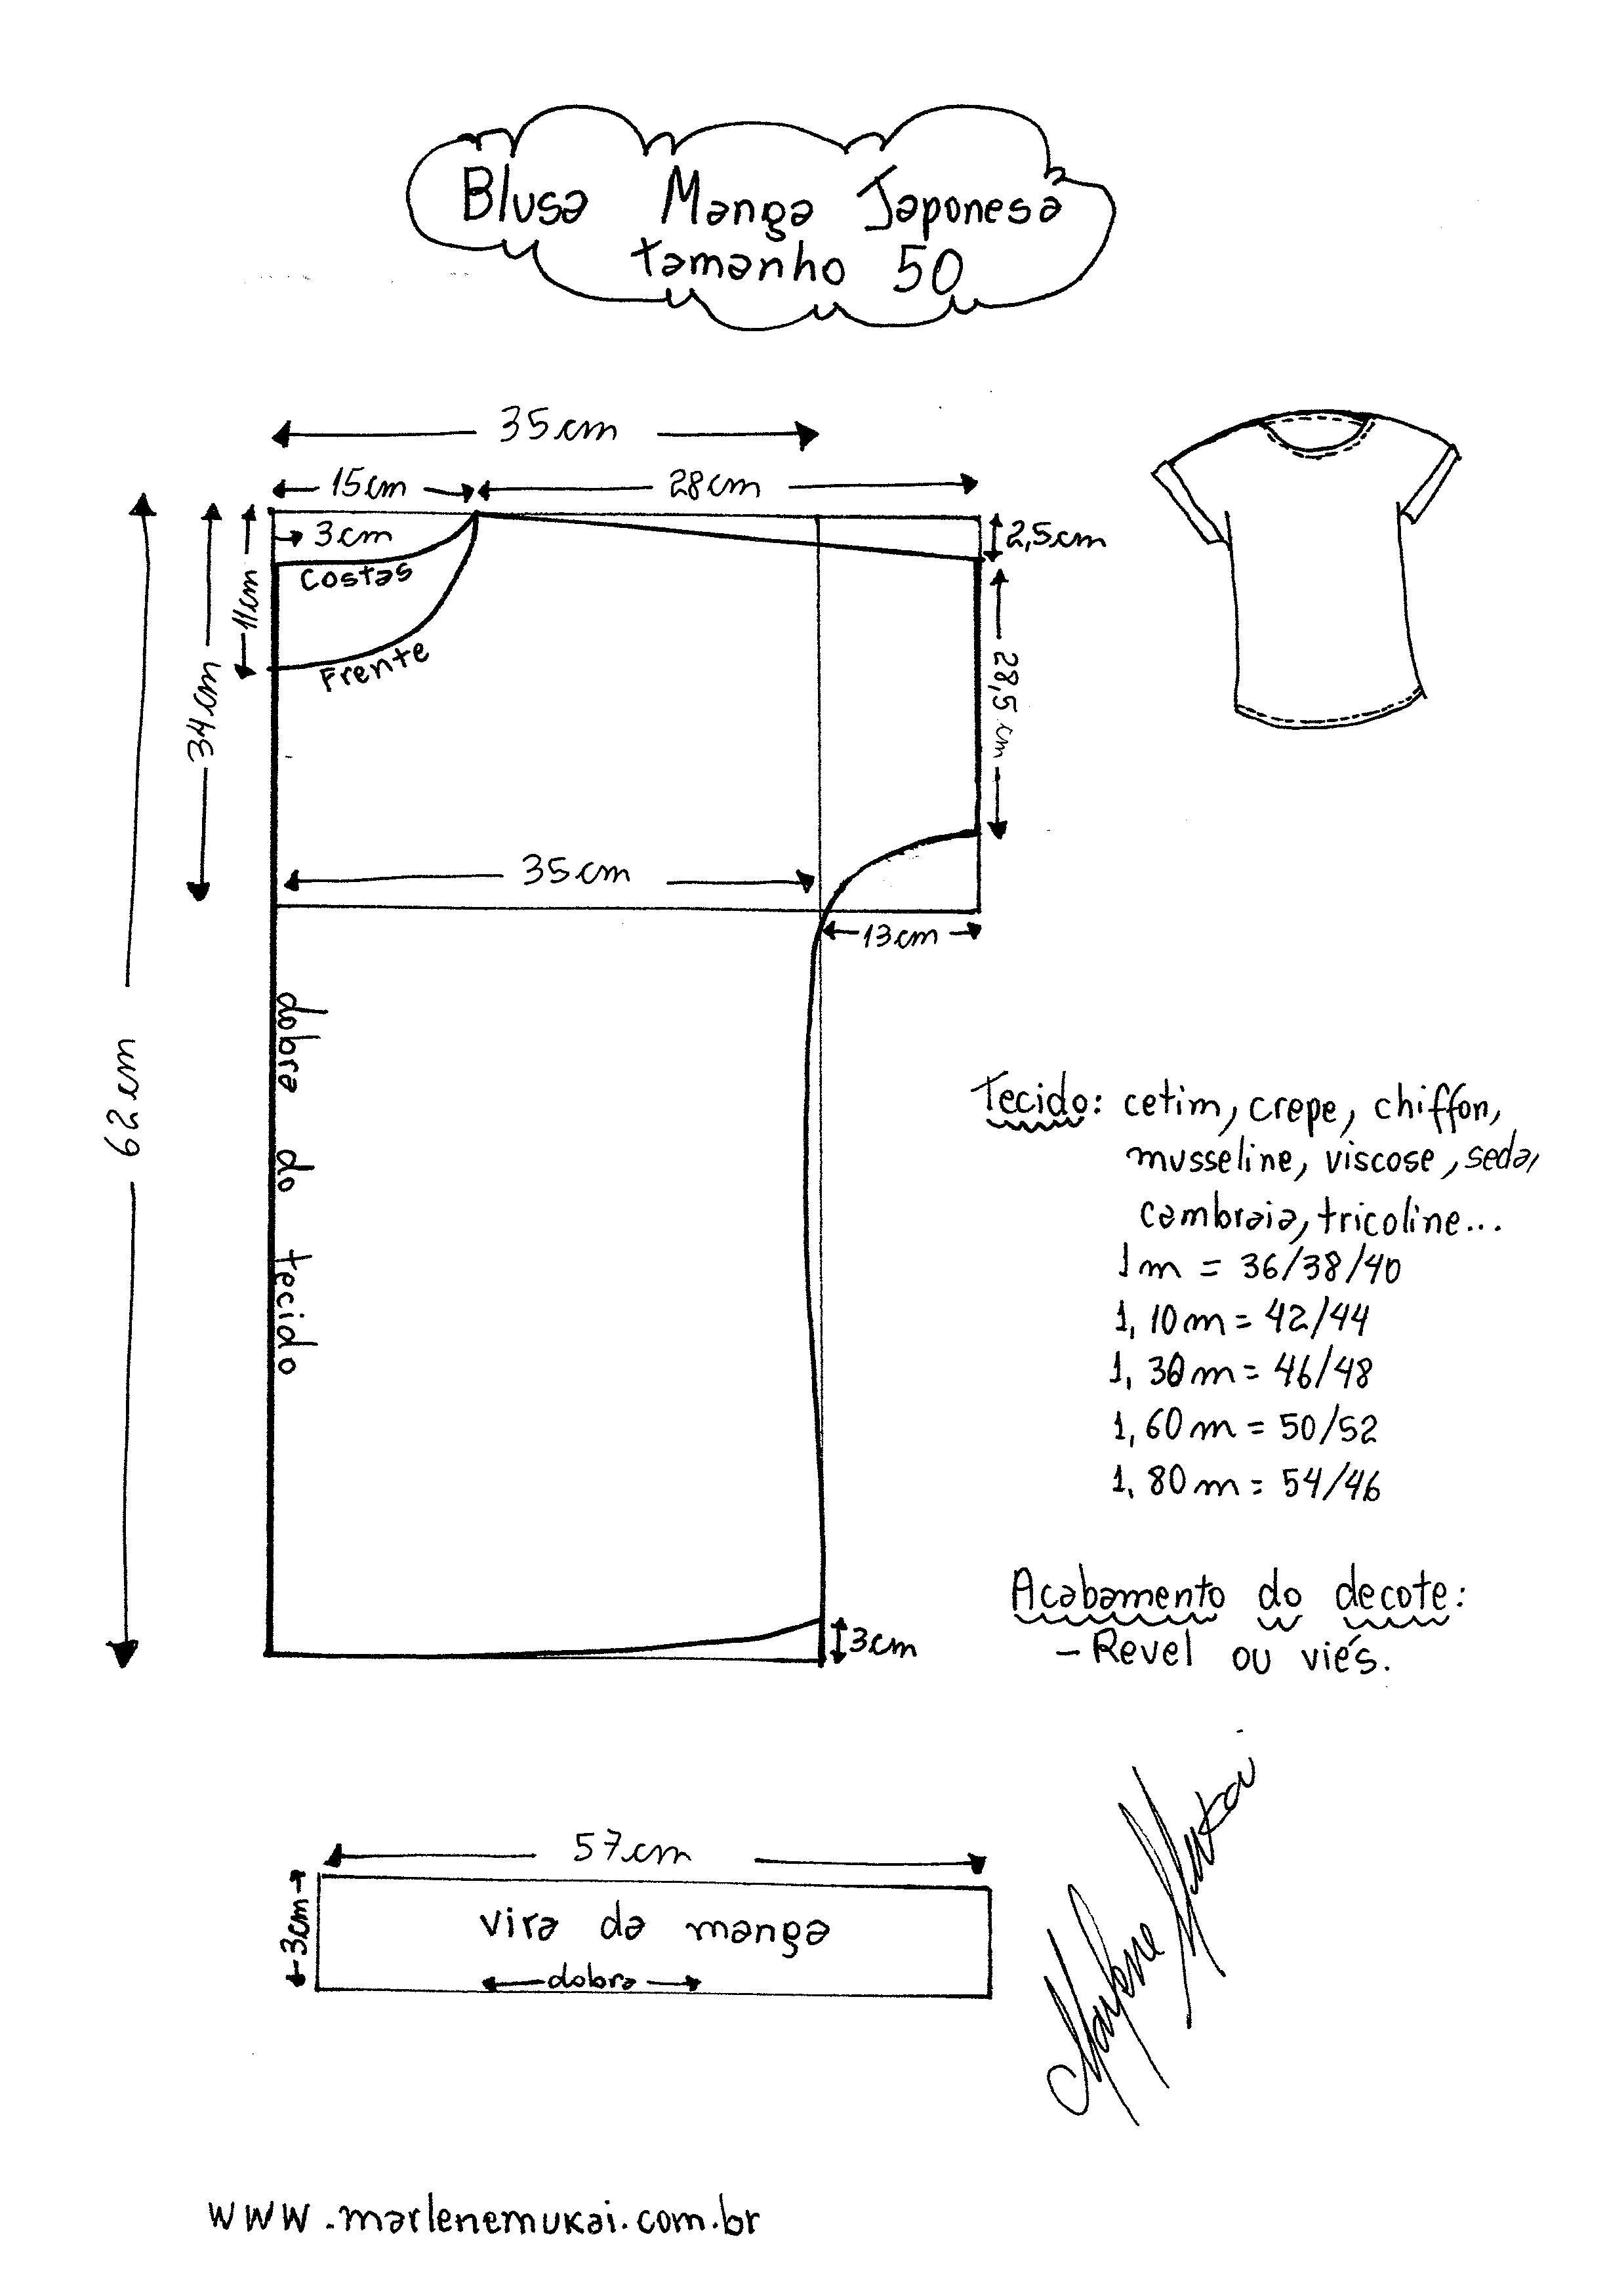 Blusa Manga Japonesa | dica de costura | Pinterest | Molde, Costura ...